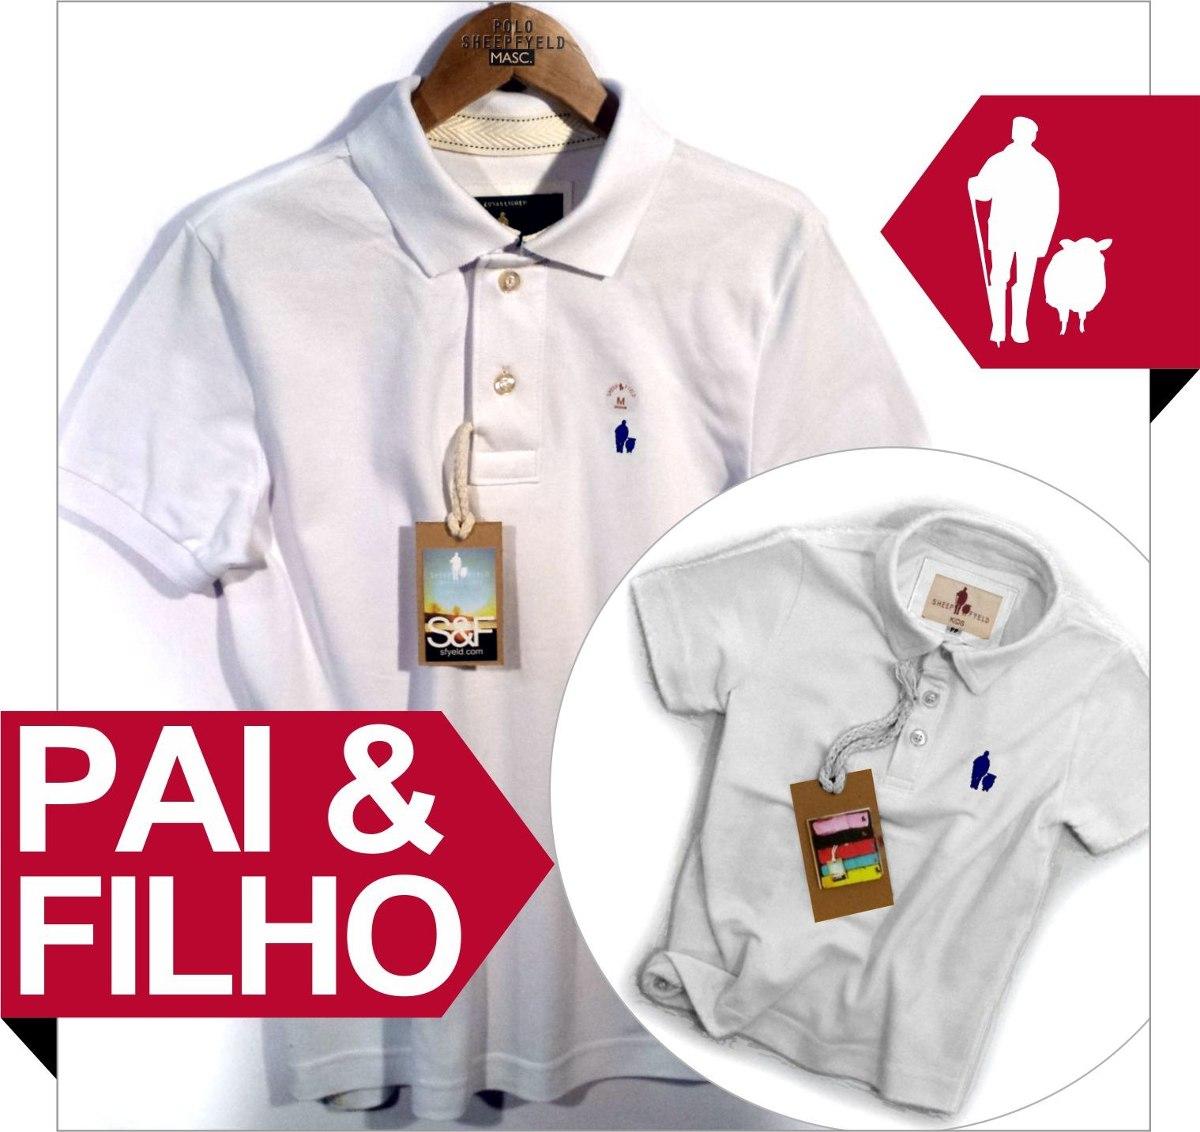 ef4610af73 Camisa Polo Azul Pai E Filho Iguais